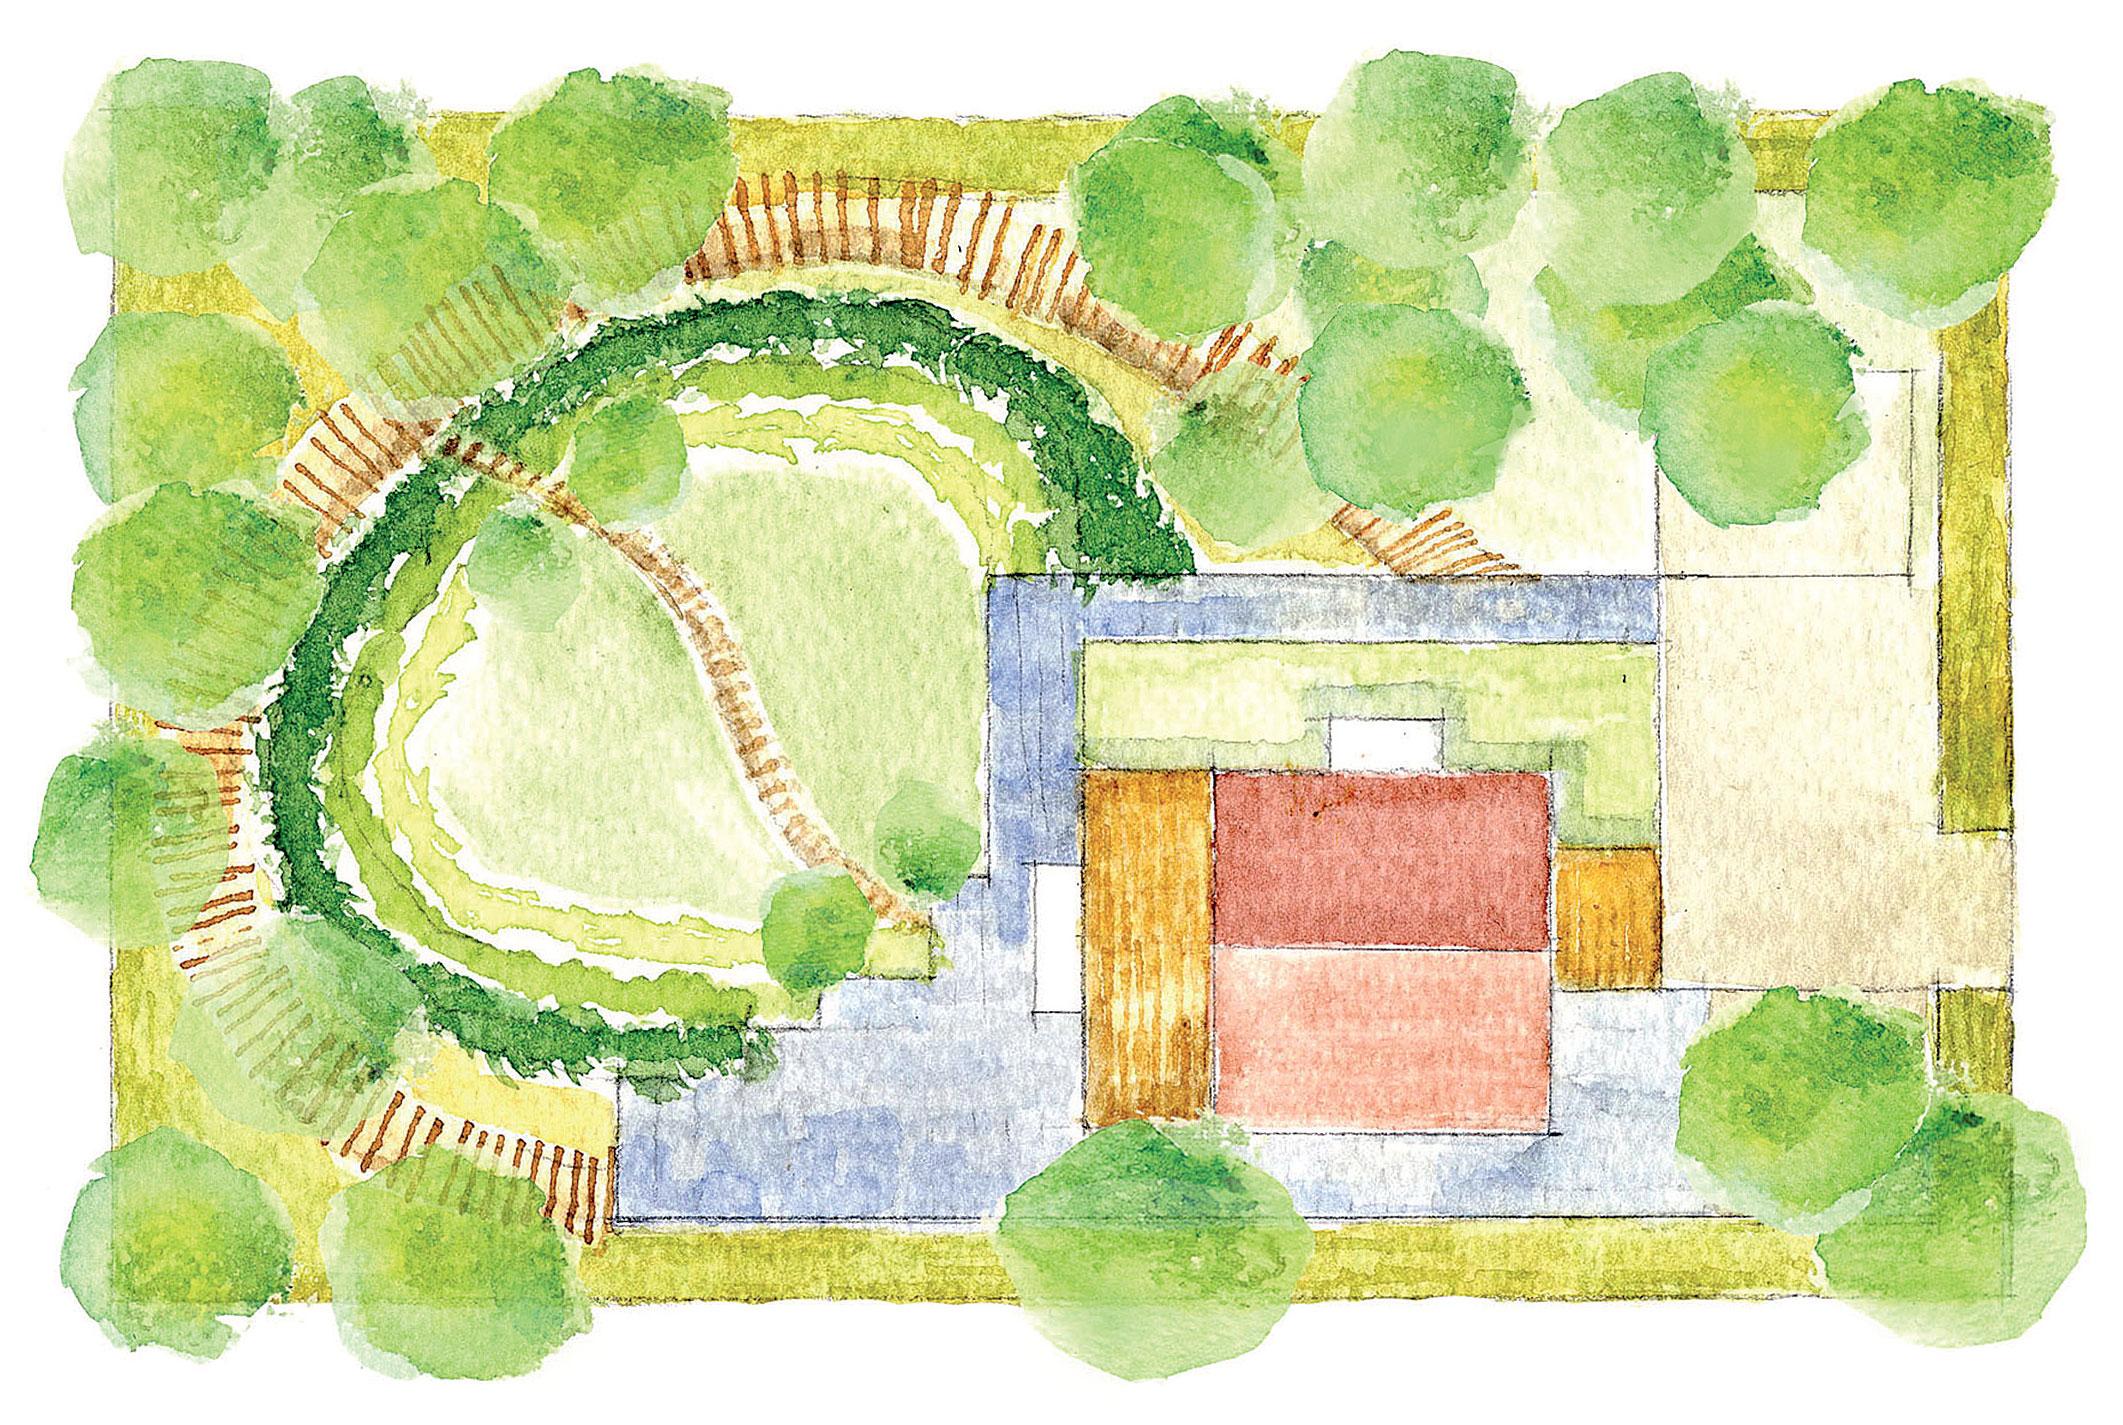 Huolettoman ja hämyisän puutarhan kaaviokuva